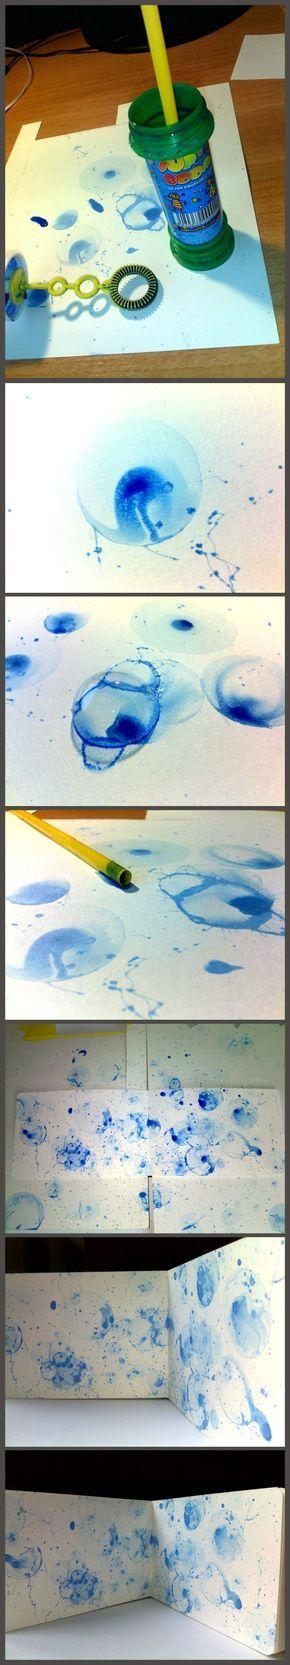 ...hacer burbujas de colores